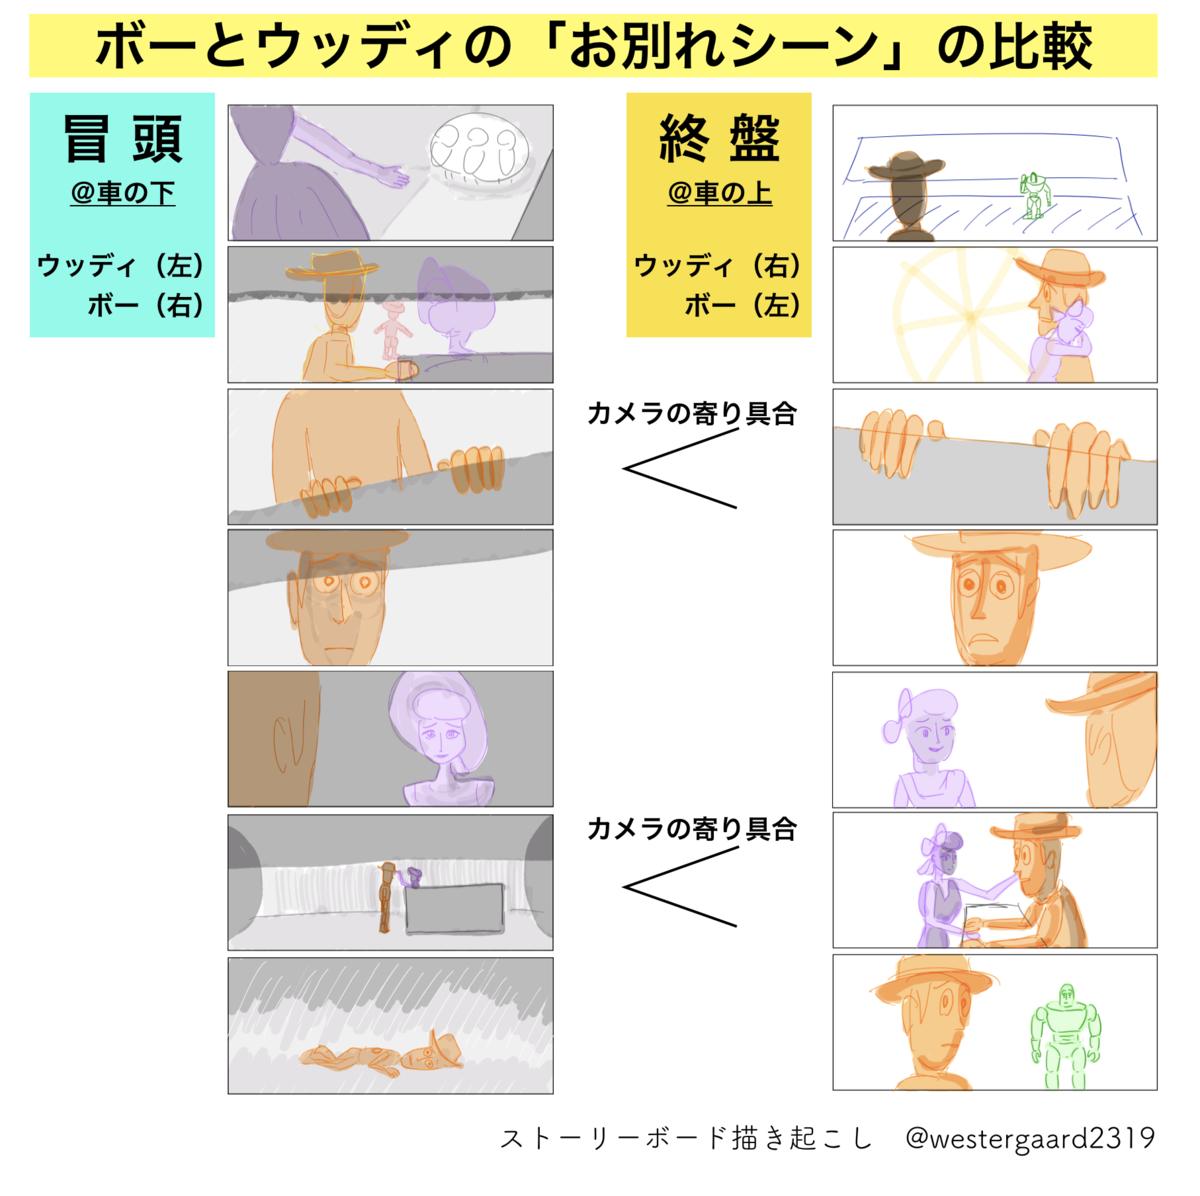 f:id:ikyosuke203:20190823171700p:plain